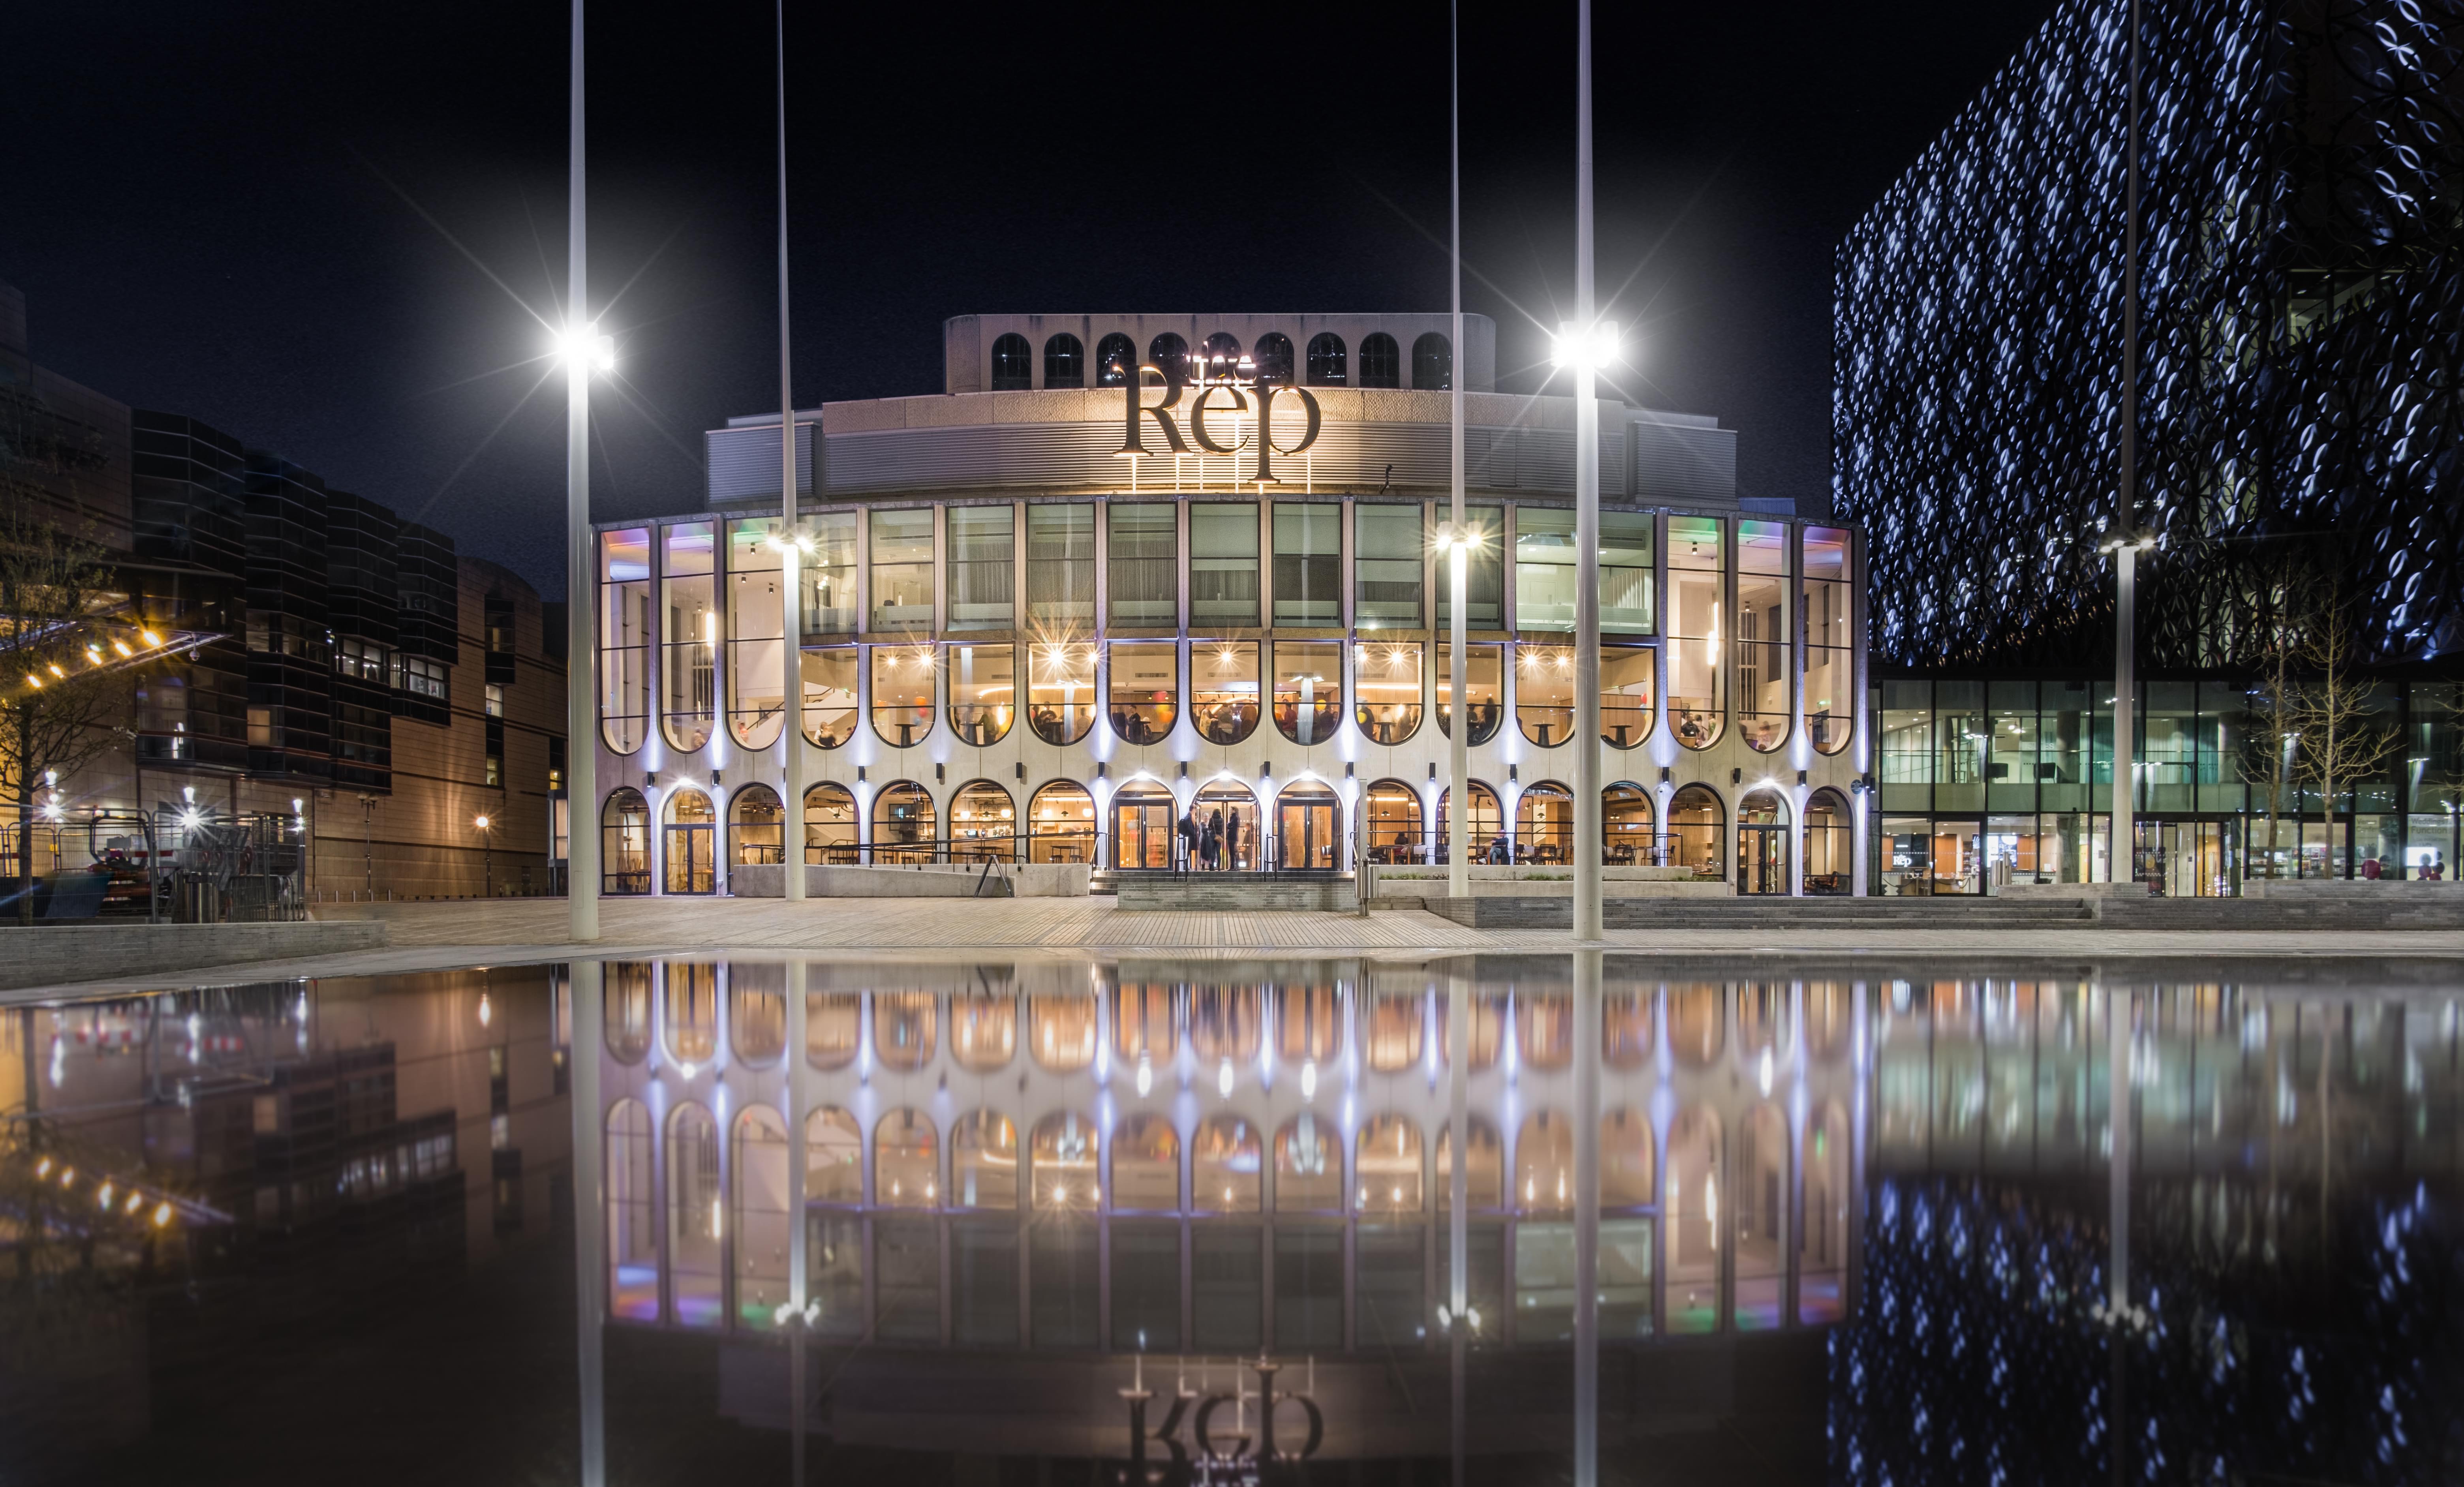 Birmingham Rep in Centenary Square, Birmingham